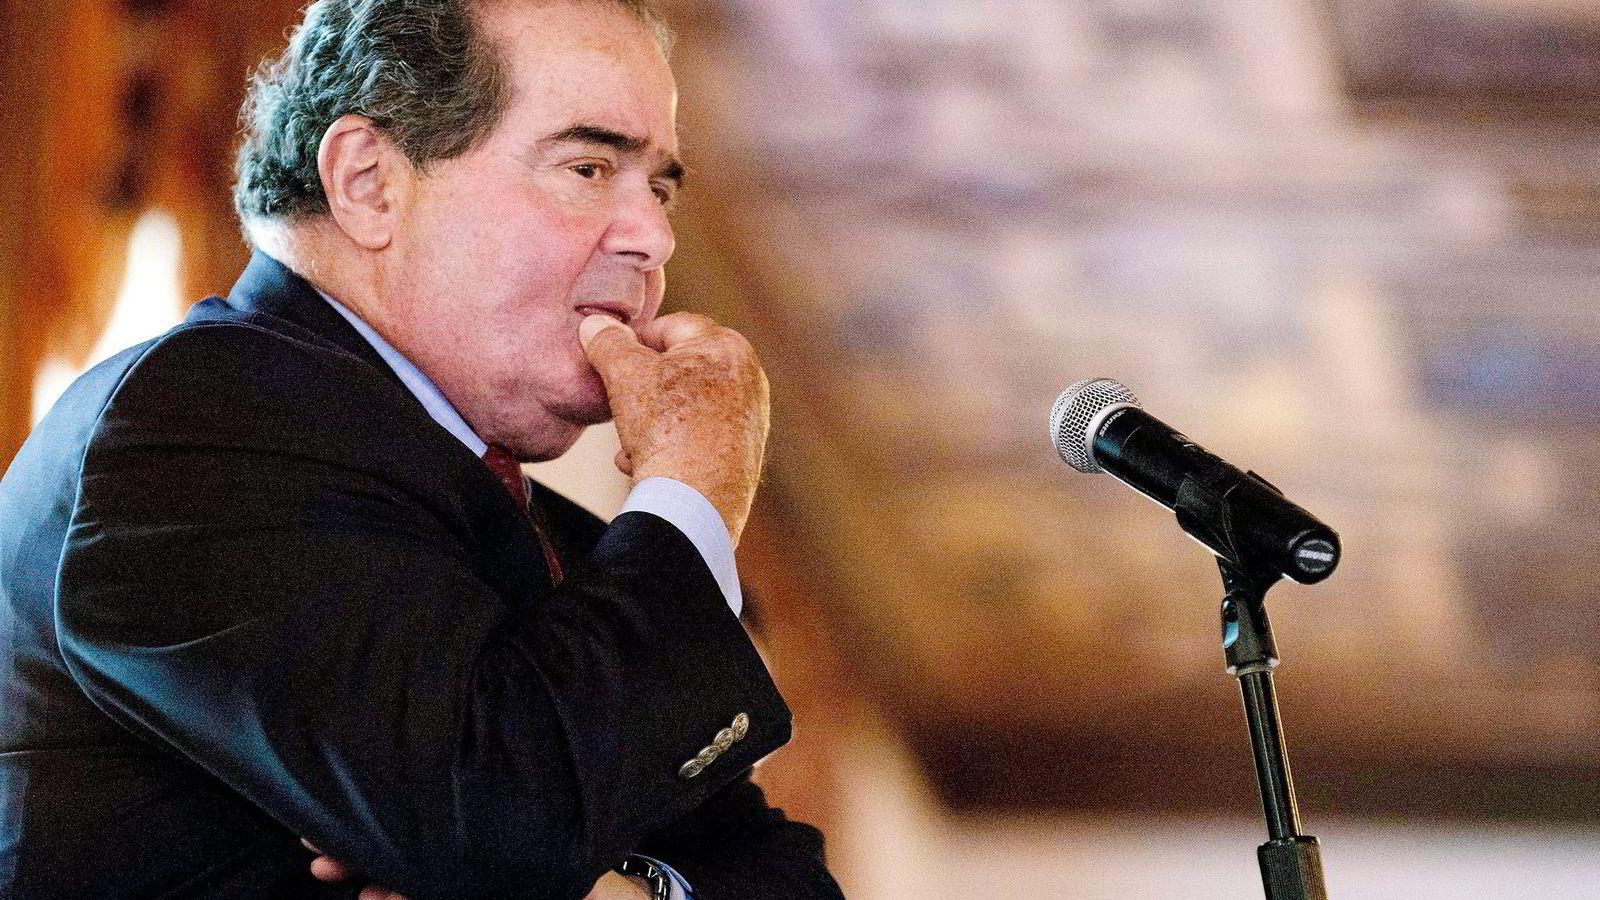 Antonin Scalia var en av de mest høyrevridde dommerne i amerikansk høyesterett, og sørget for at balansen i viktige saker tippet i konservativ retning. Foto: Darren Ornitz, Reuters/NTB Scanpix